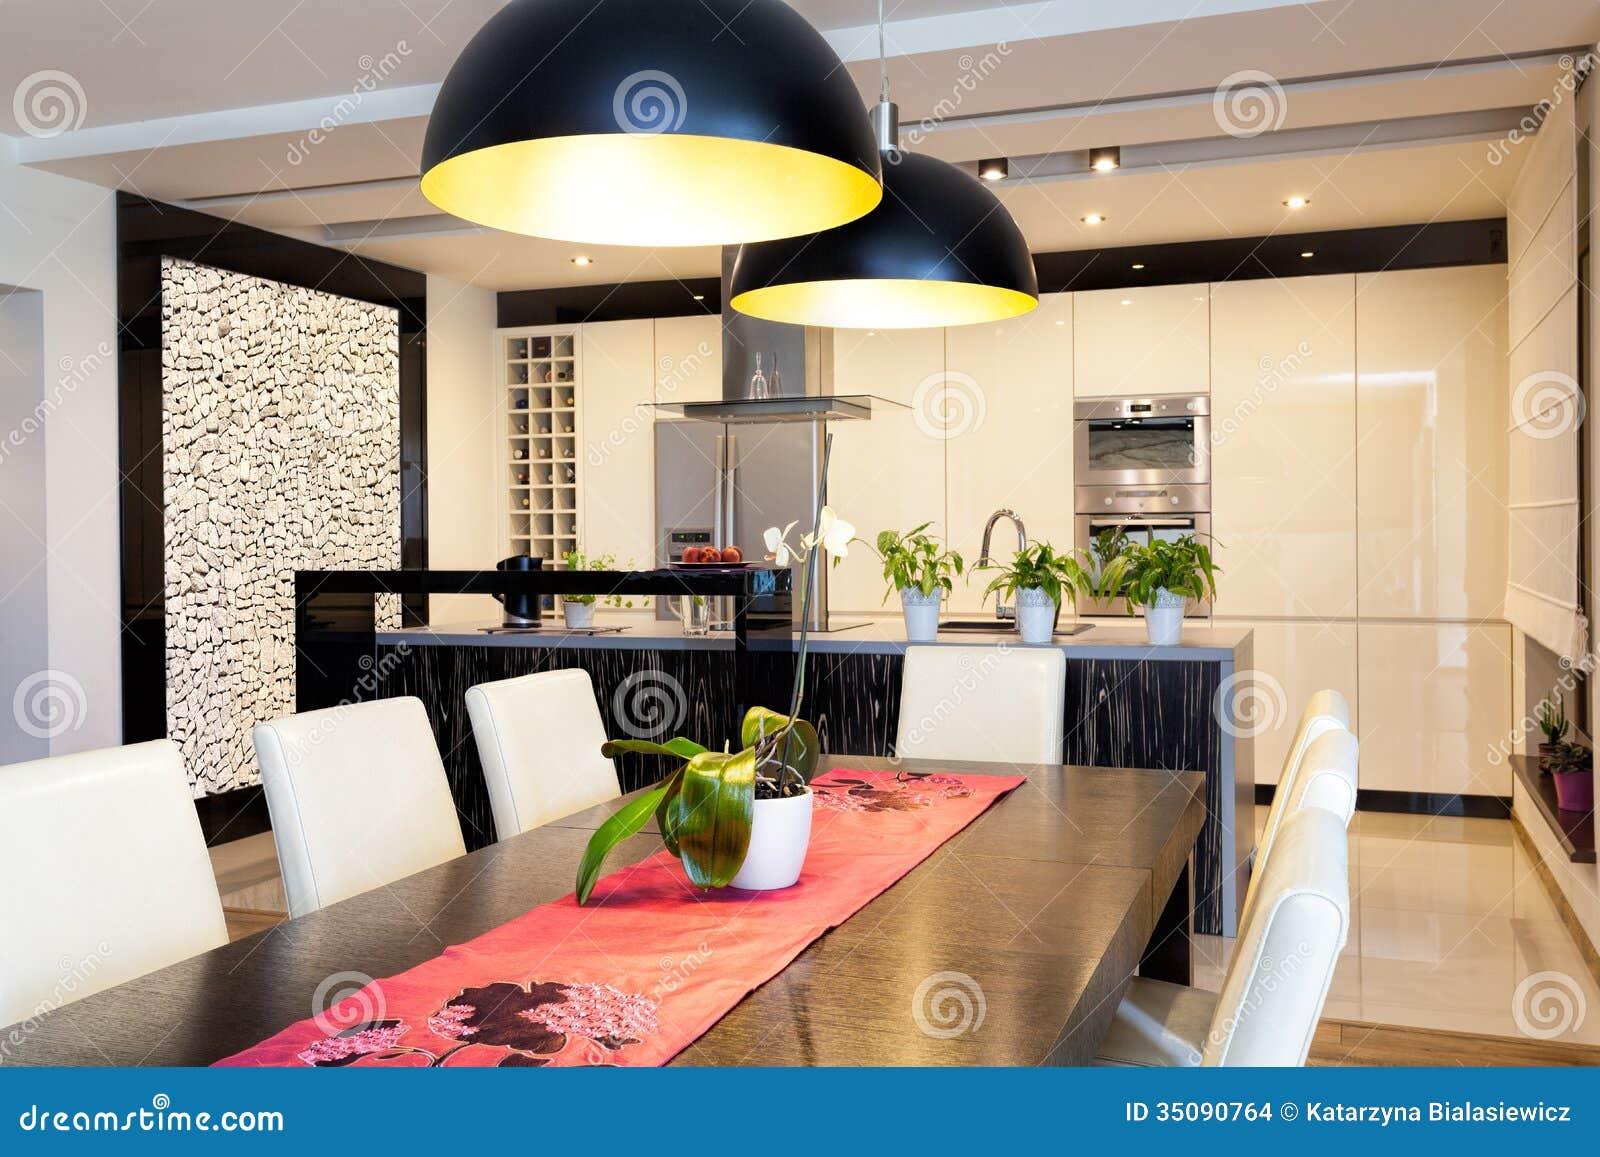 st dtische wohnung k che mit steinwand stockfoto bild von haupt realistisch 35090764. Black Bedroom Furniture Sets. Home Design Ideas